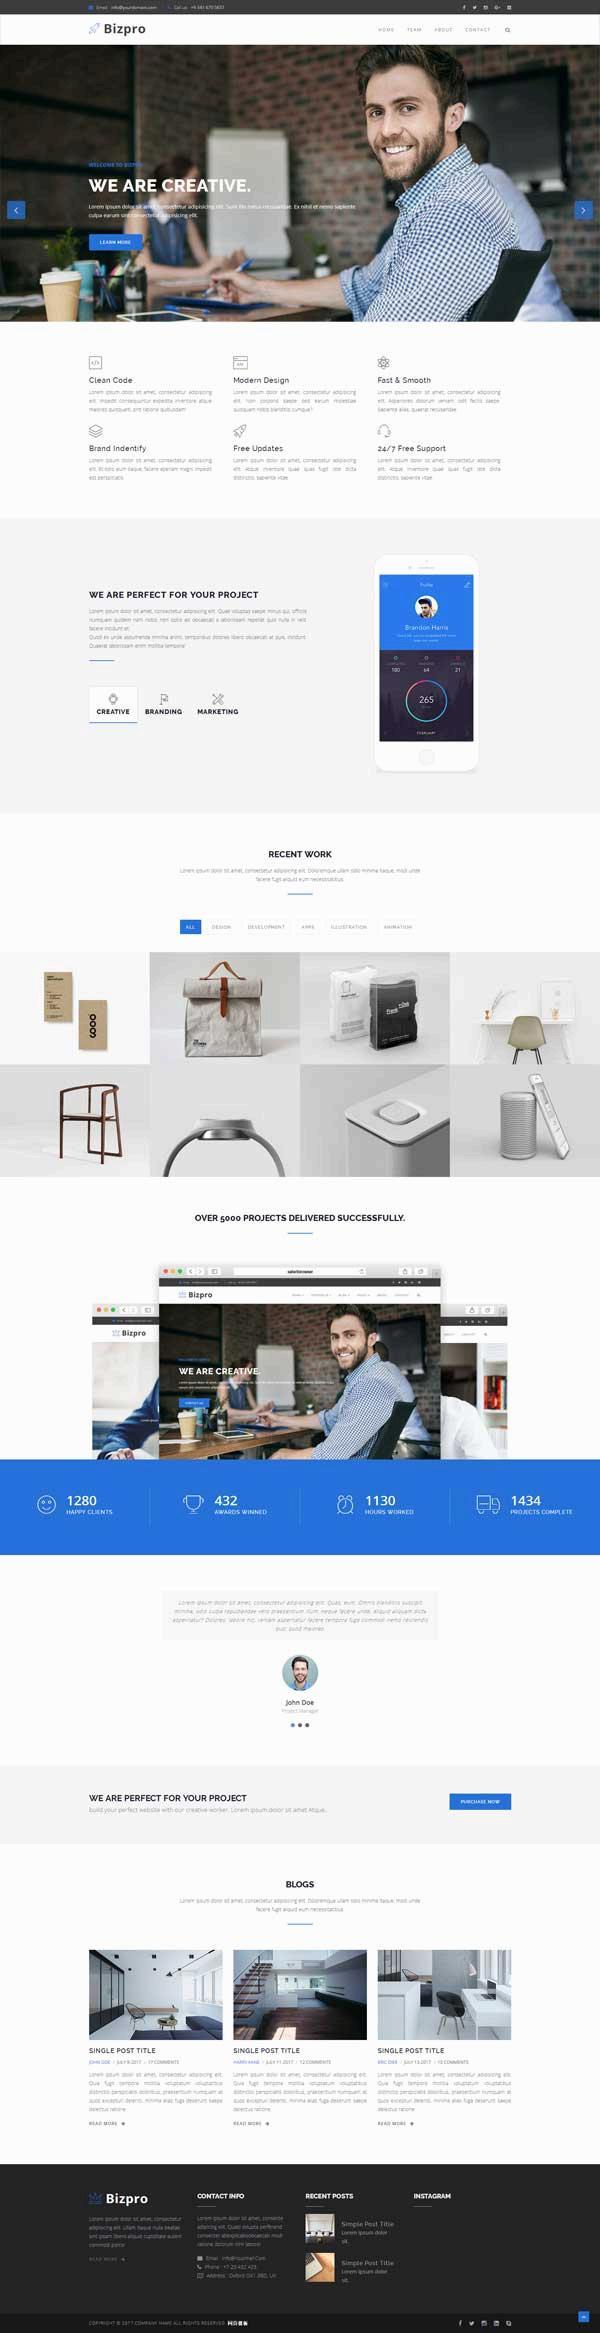 大气通用的产品销售公司网站html模板